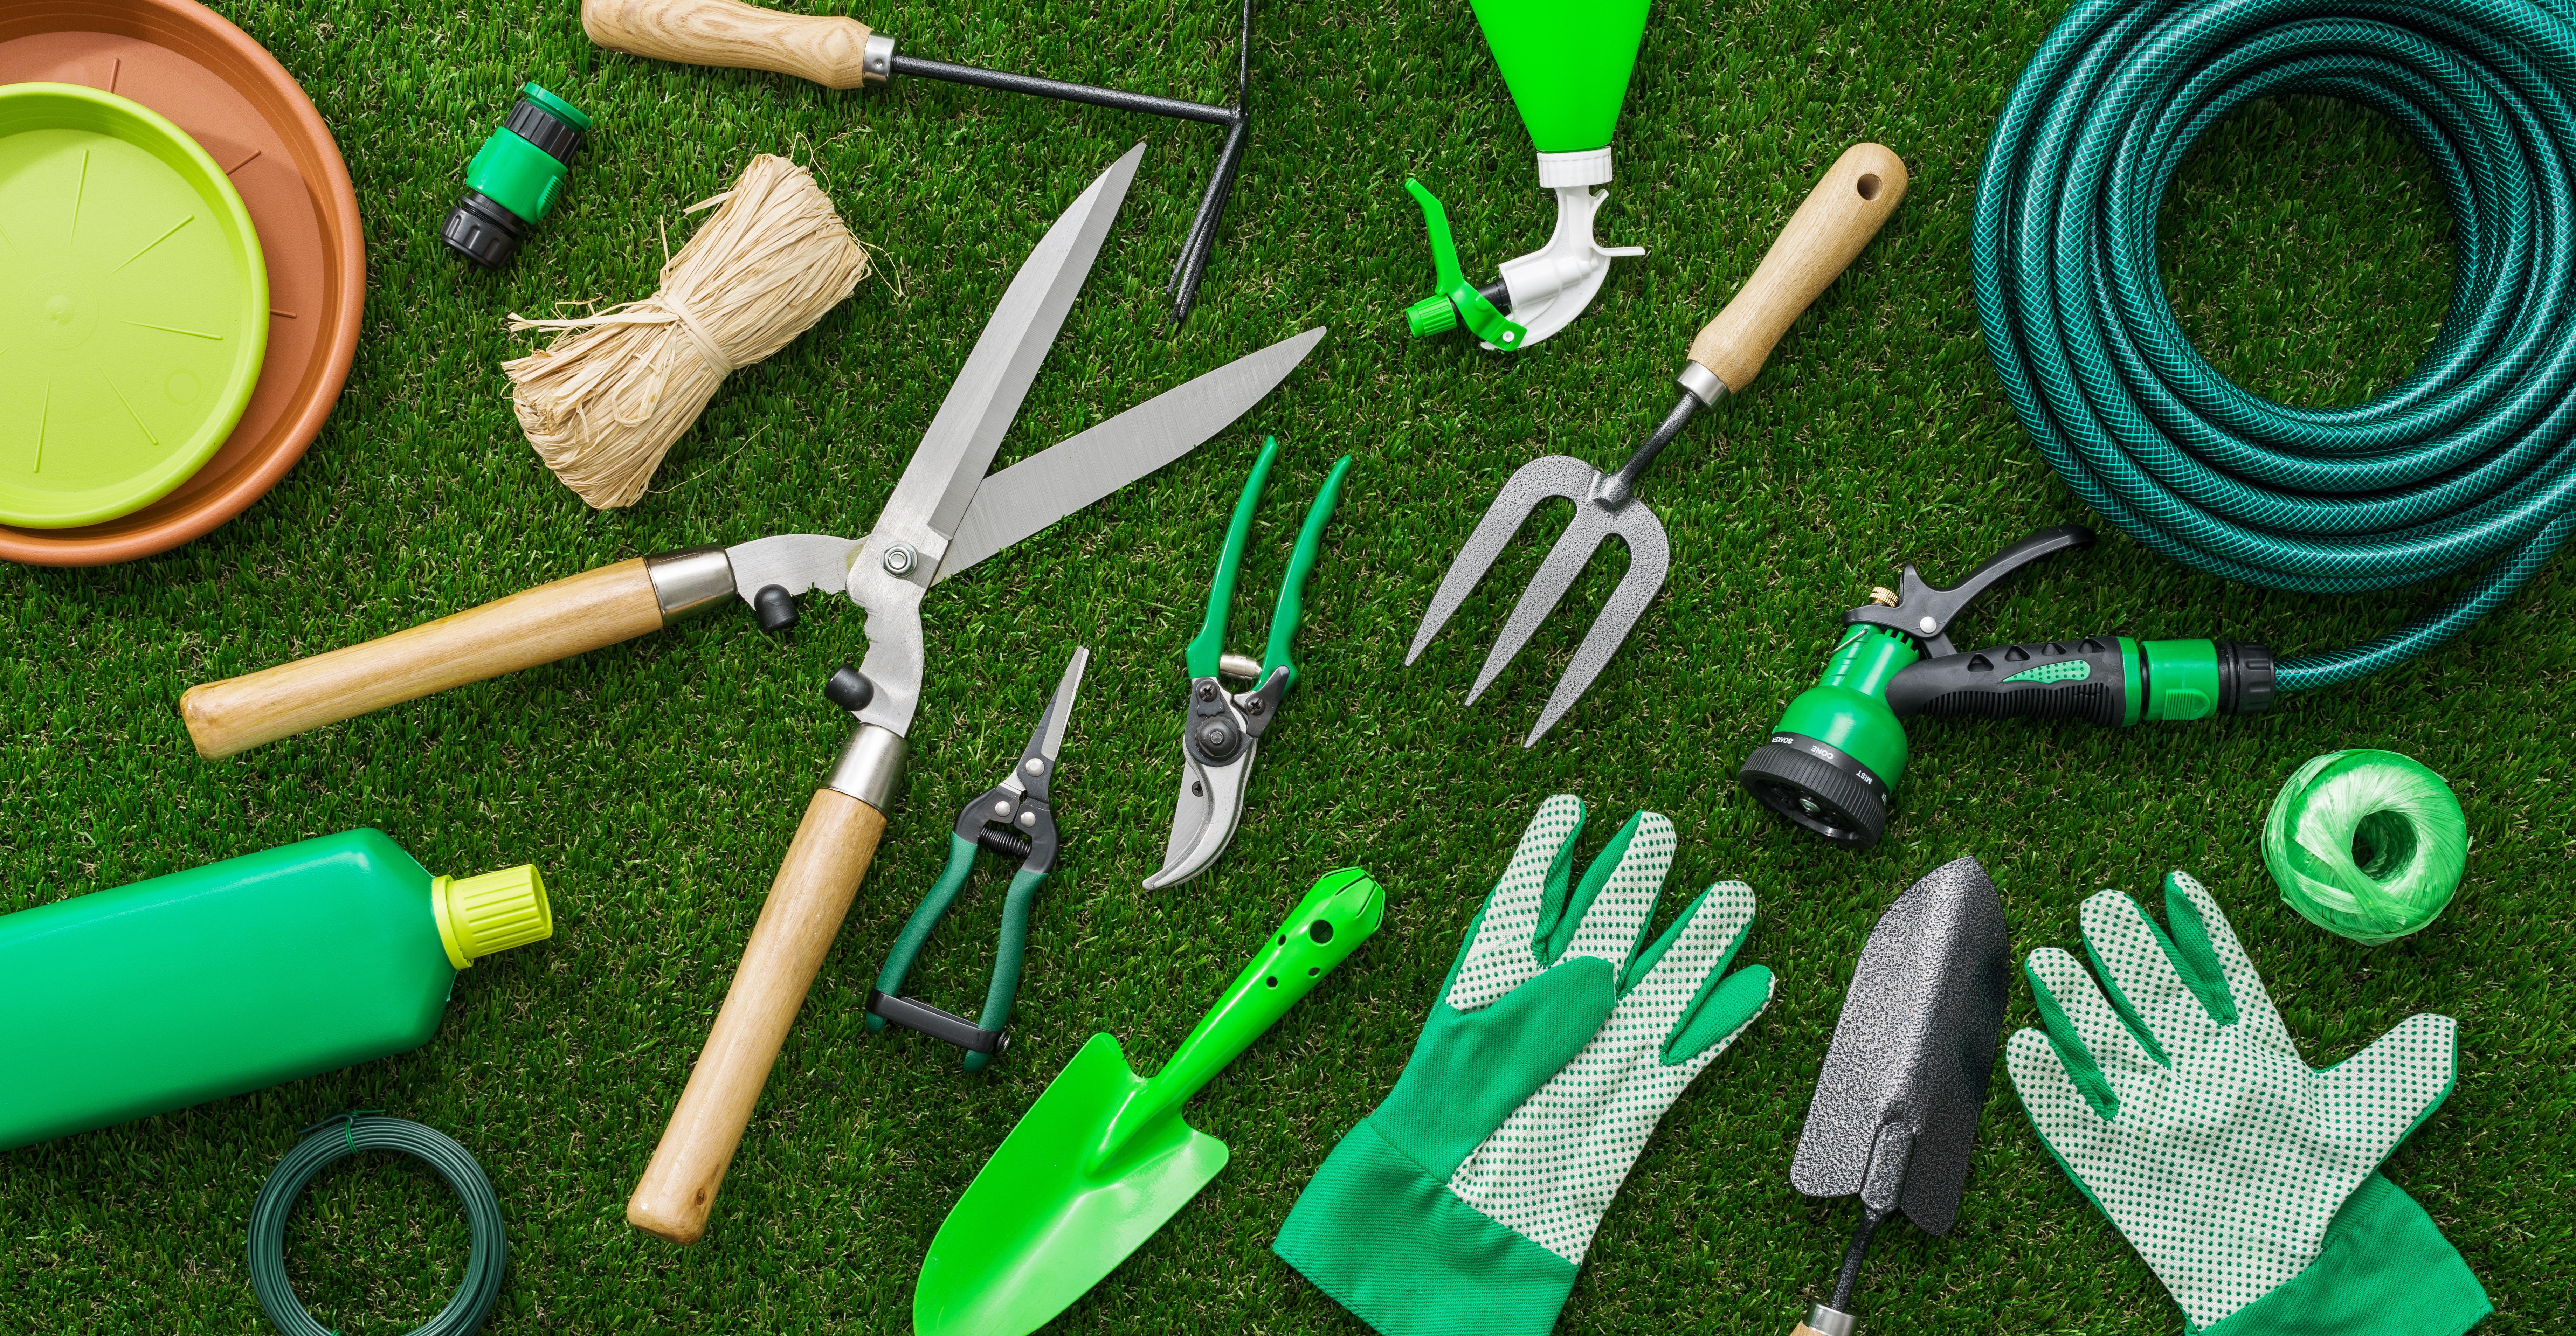 As ferramentas de jardim essenciais para o seu espaço